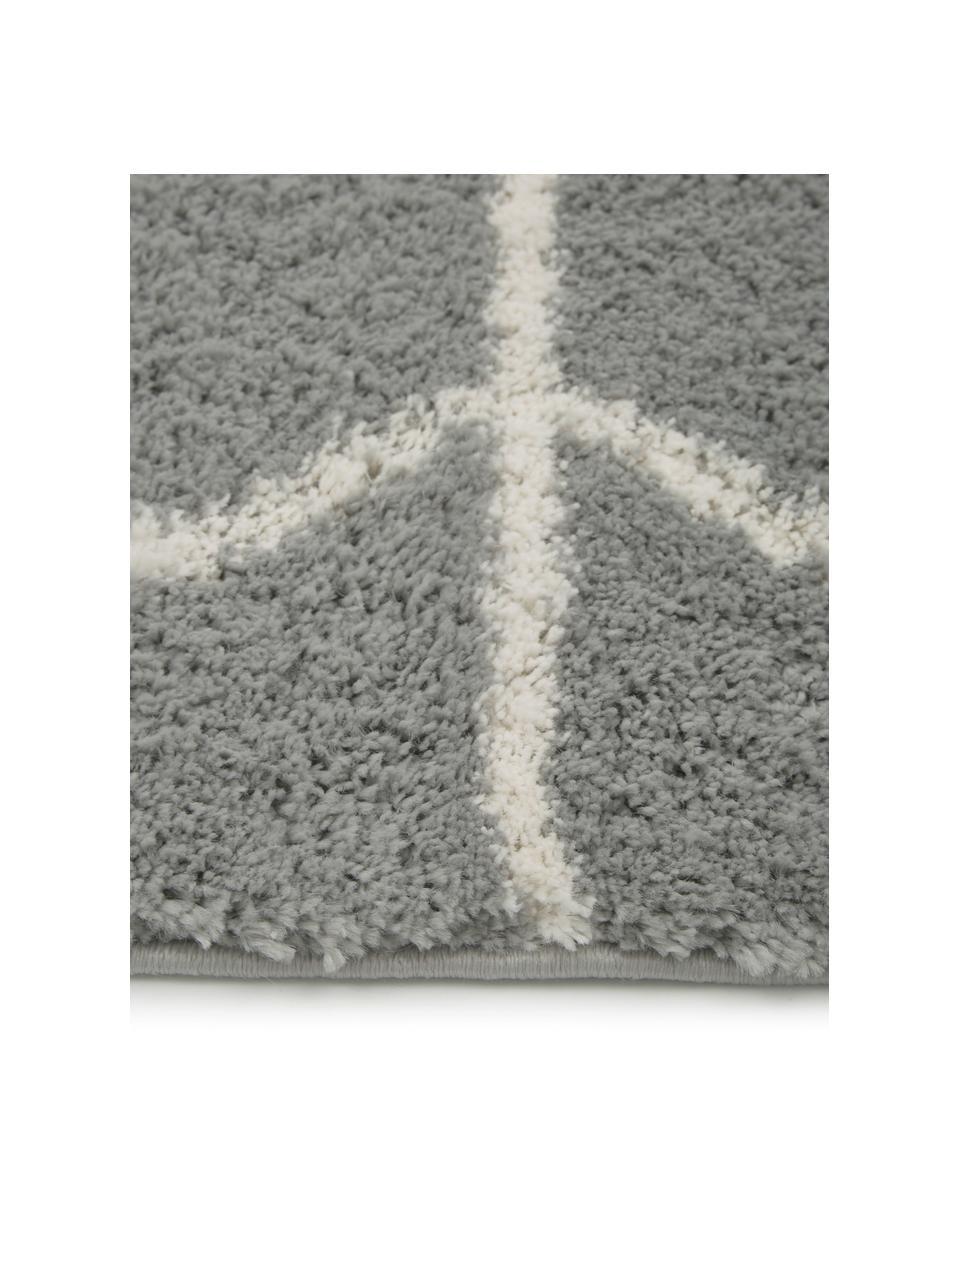 Chodnik z wysokim stosem Cera, Szary, kremowobiały, S 80 x D 250 cm